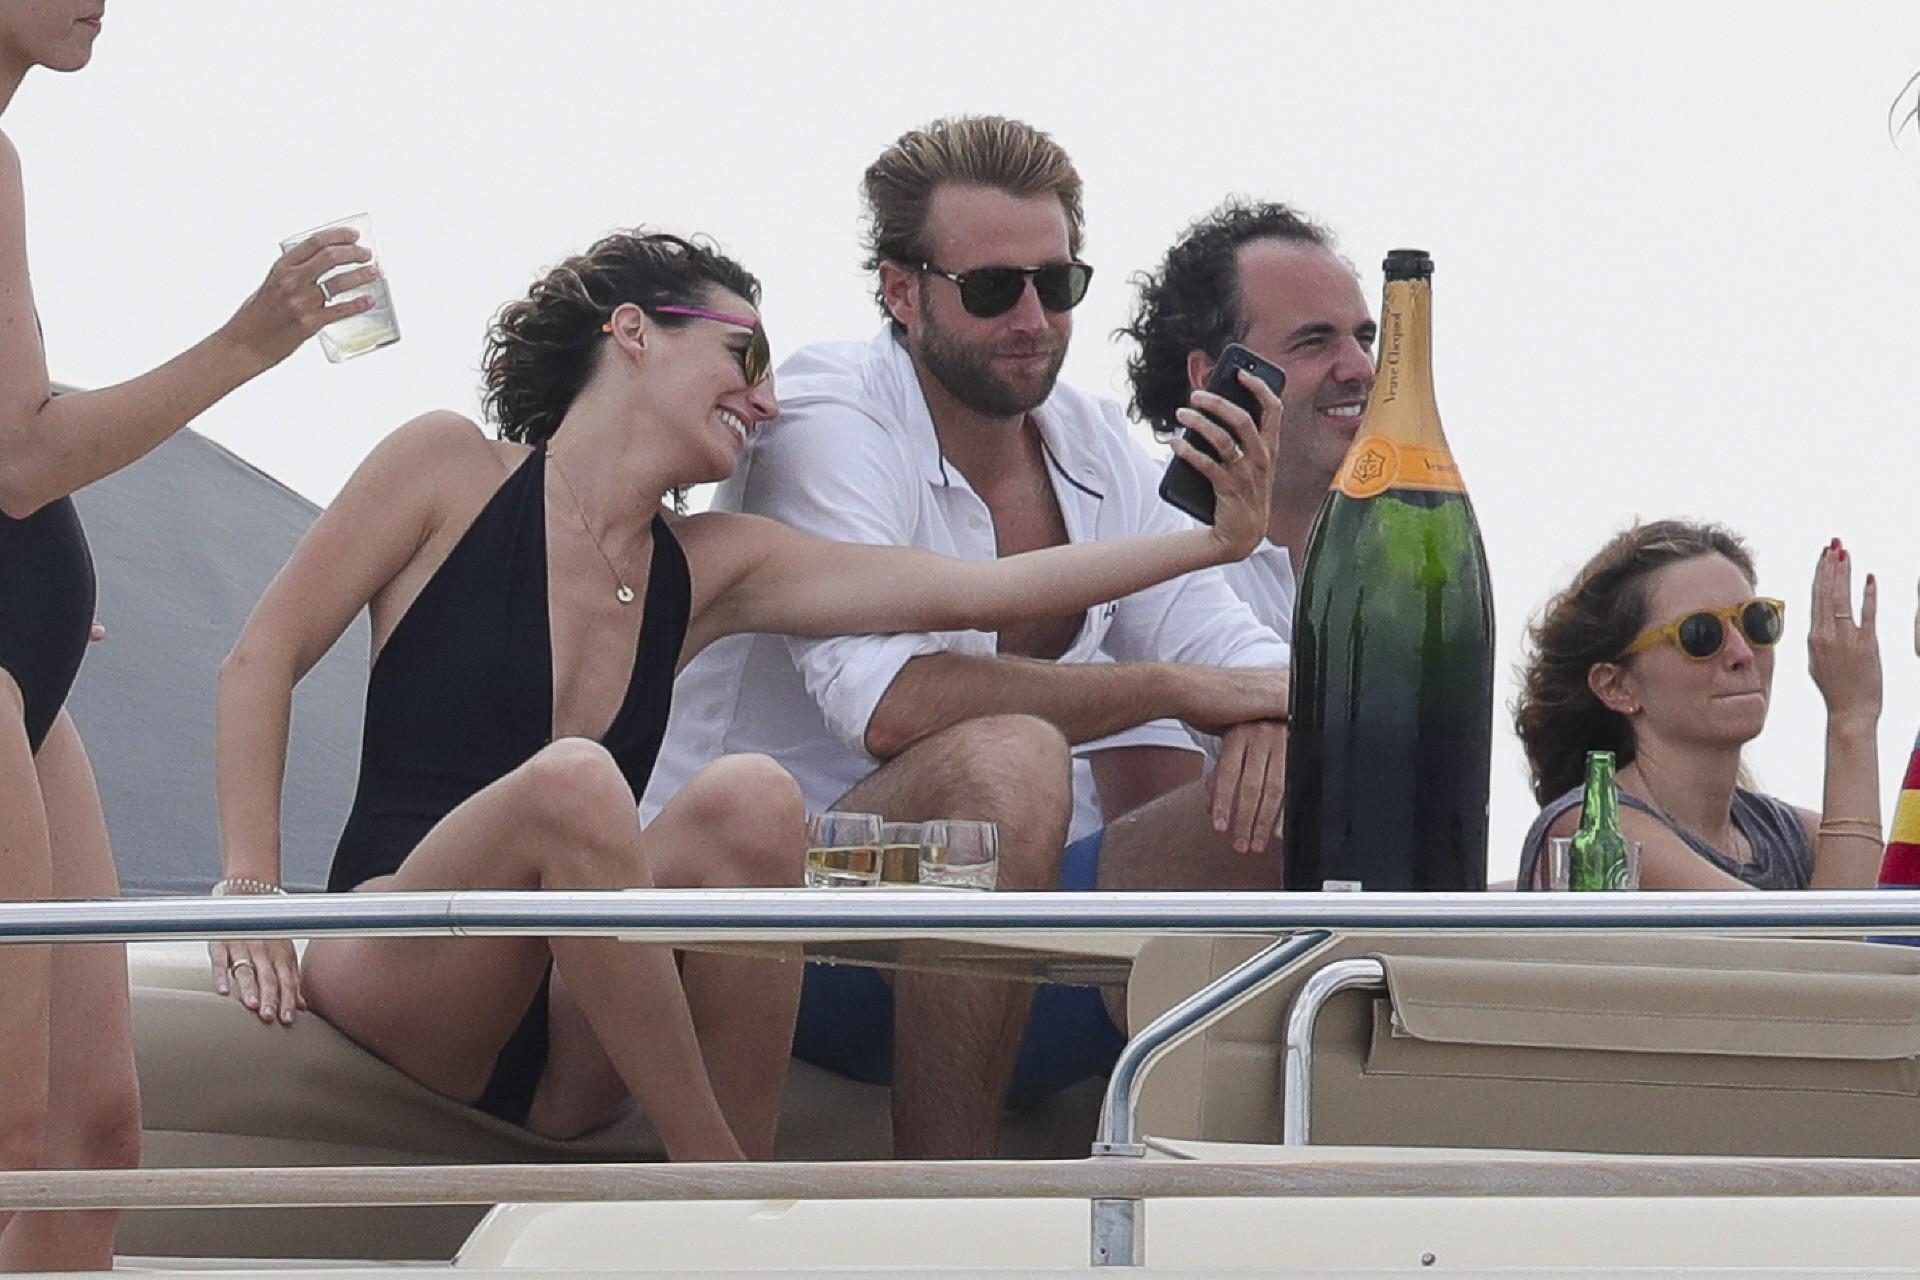 el-grupo-rego-la-jornada-con-una-botella-de-champan-gigante